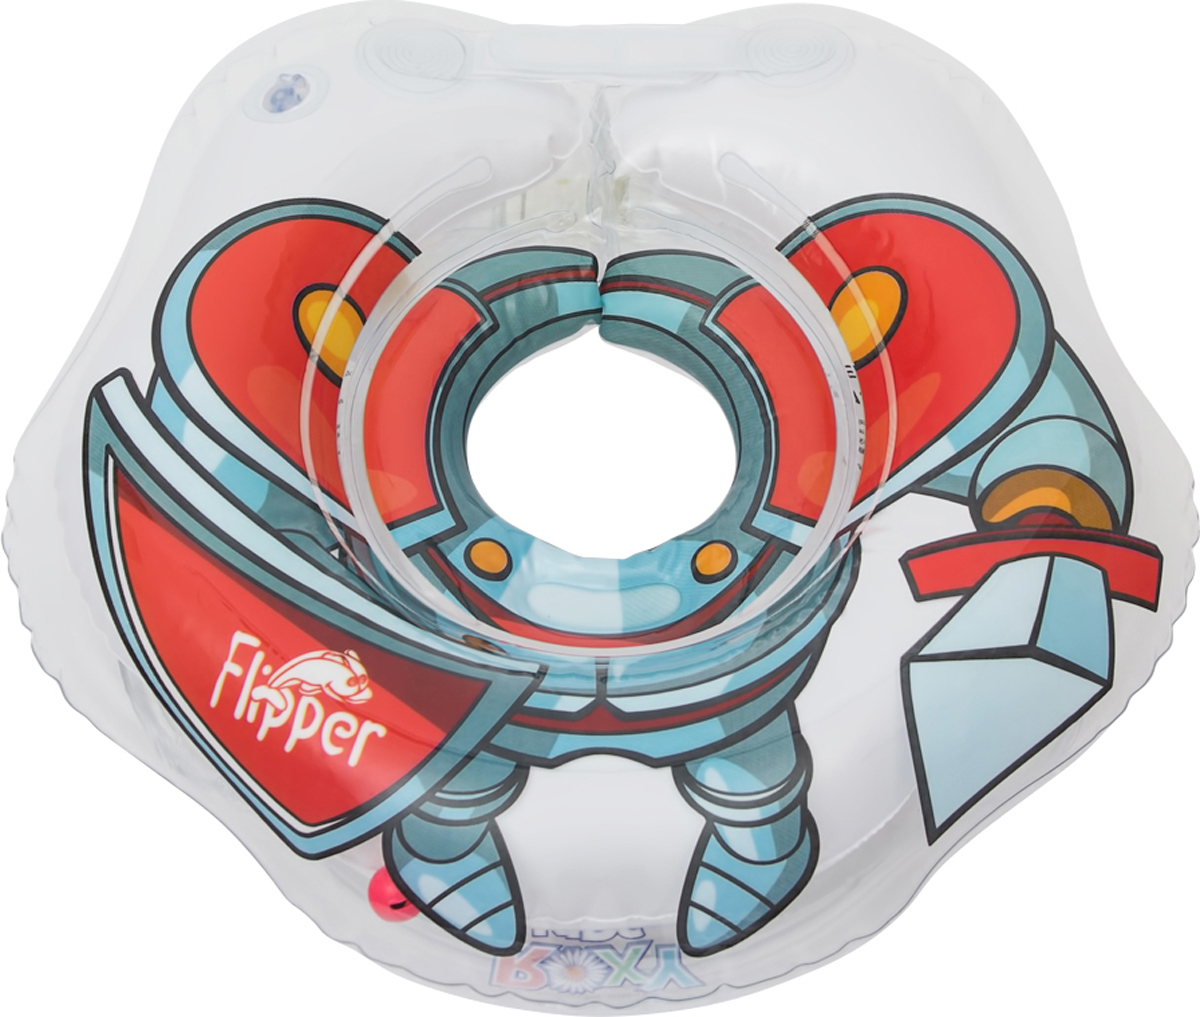 Roxy-kids Круг для купания Flipper Рыцарь -  Все для купания